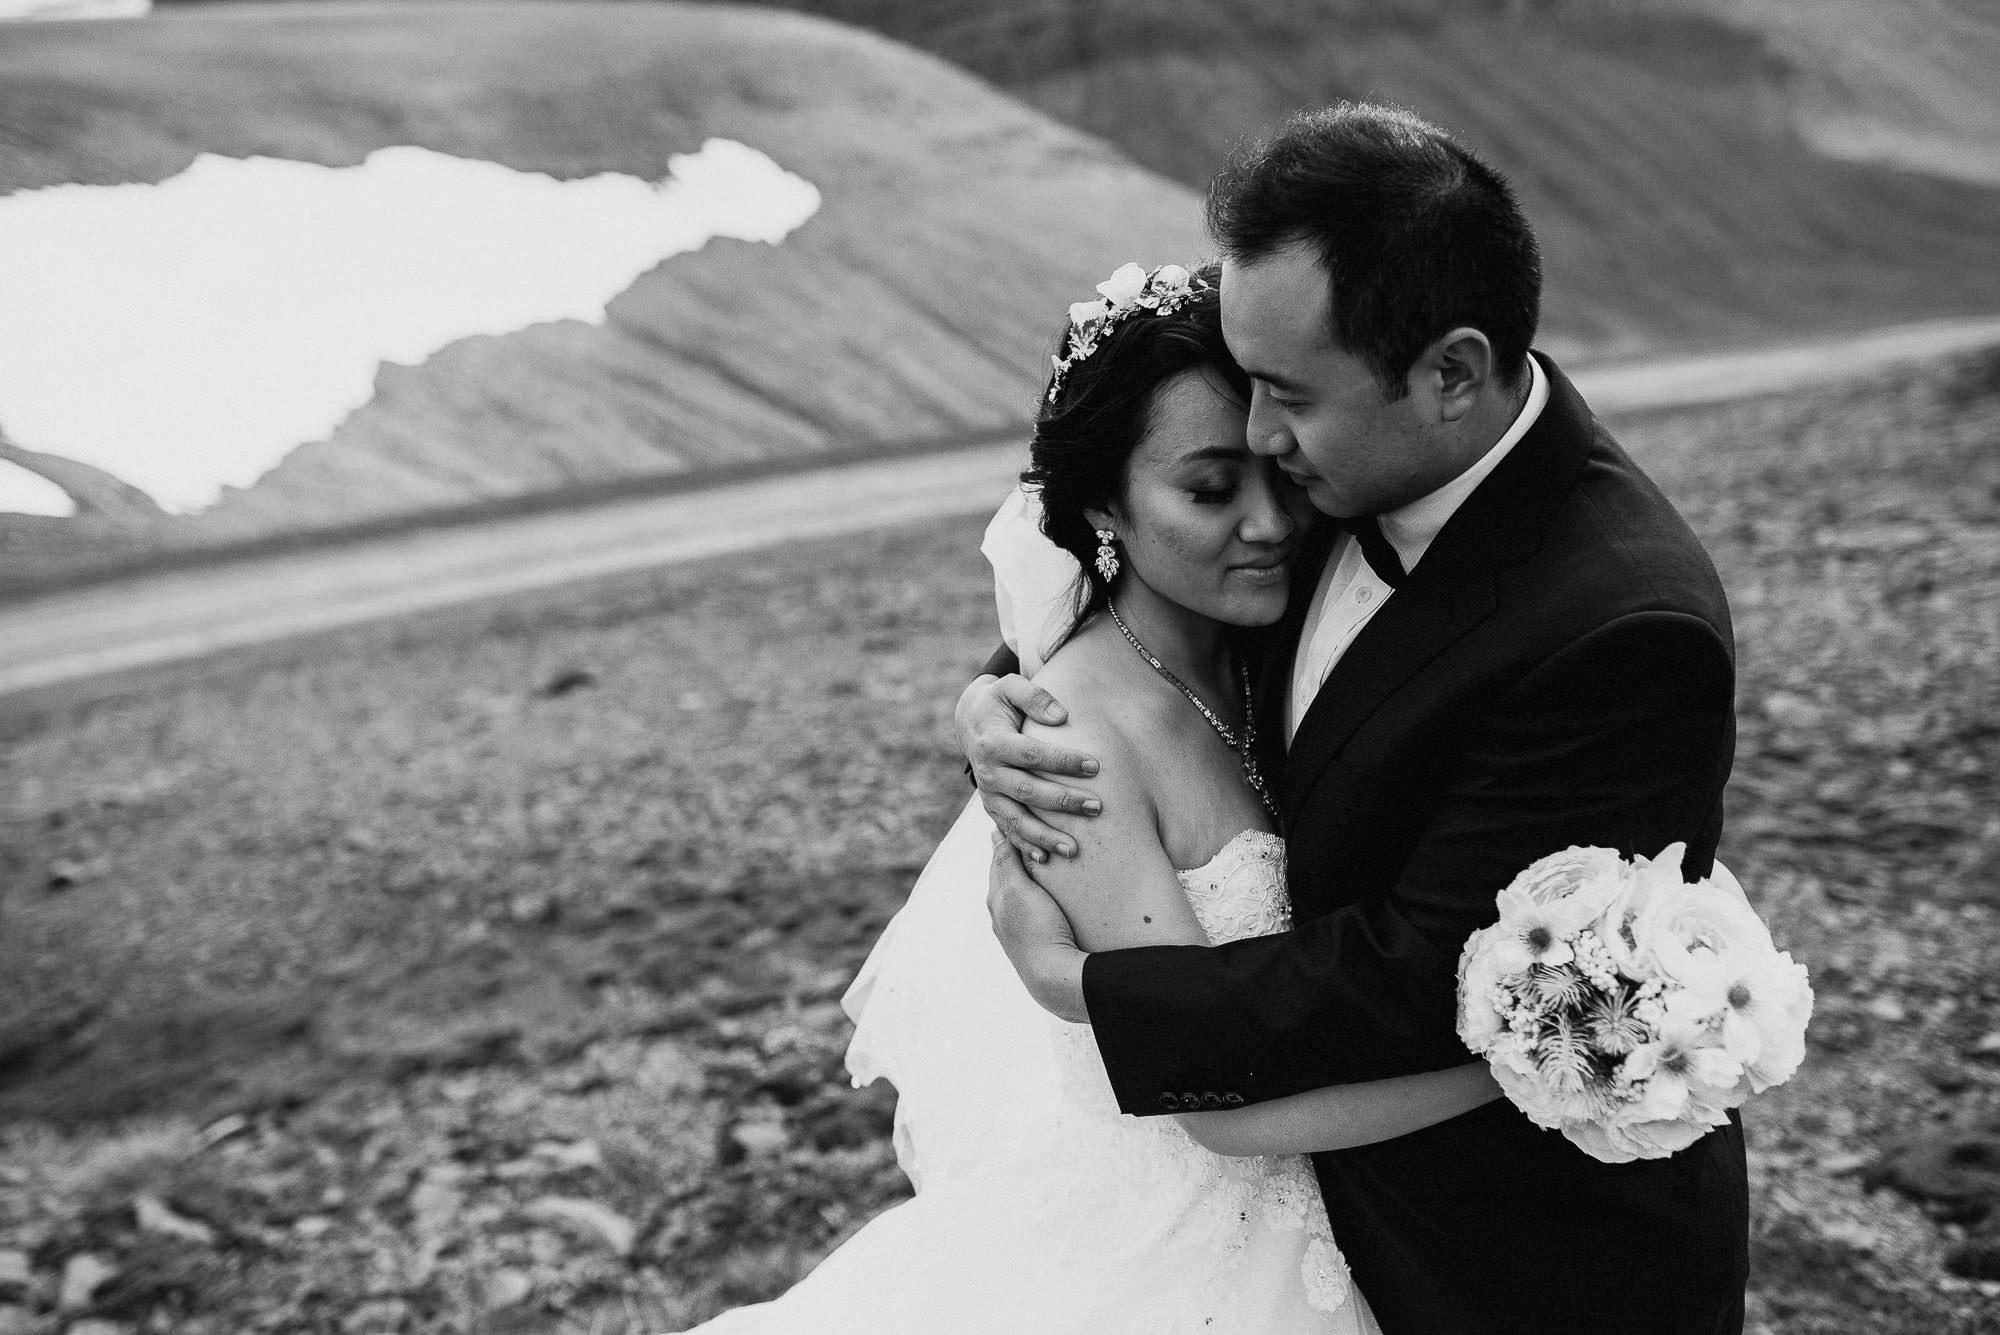 iceland-wedding-photographer_jere-satamo_photography-reykjavik-031.jpg